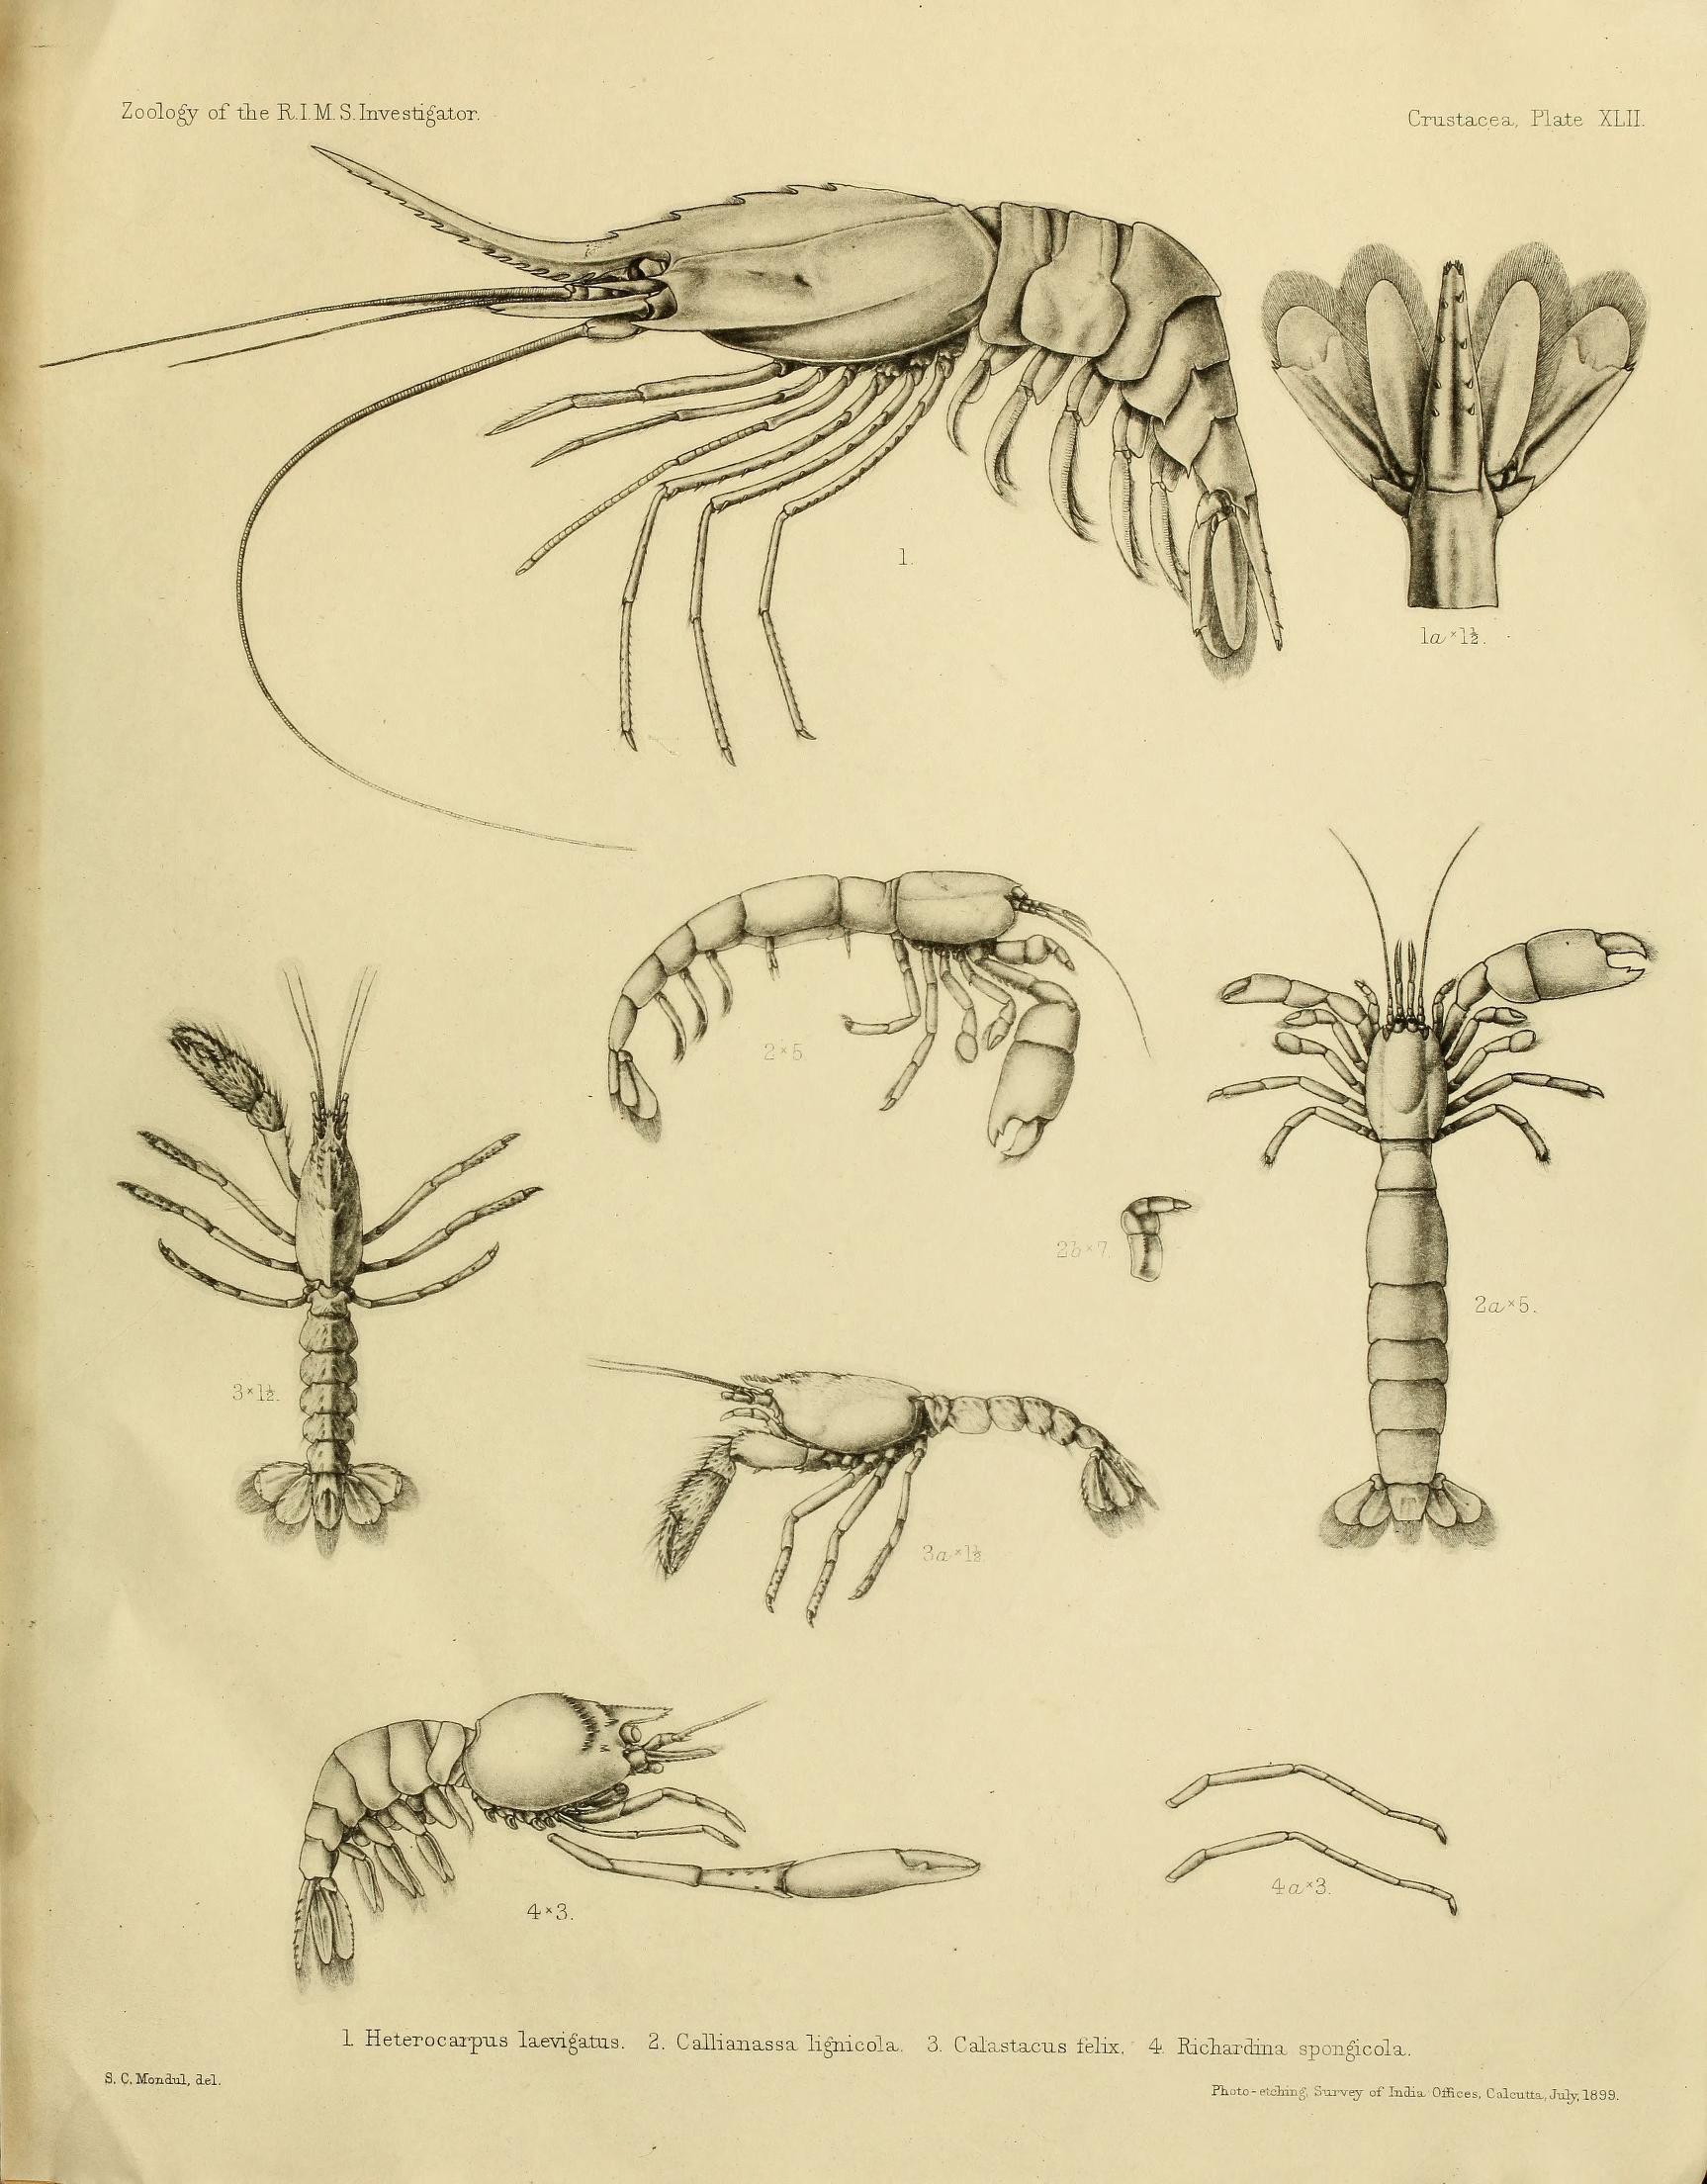 Image of smooth nylon shrimp